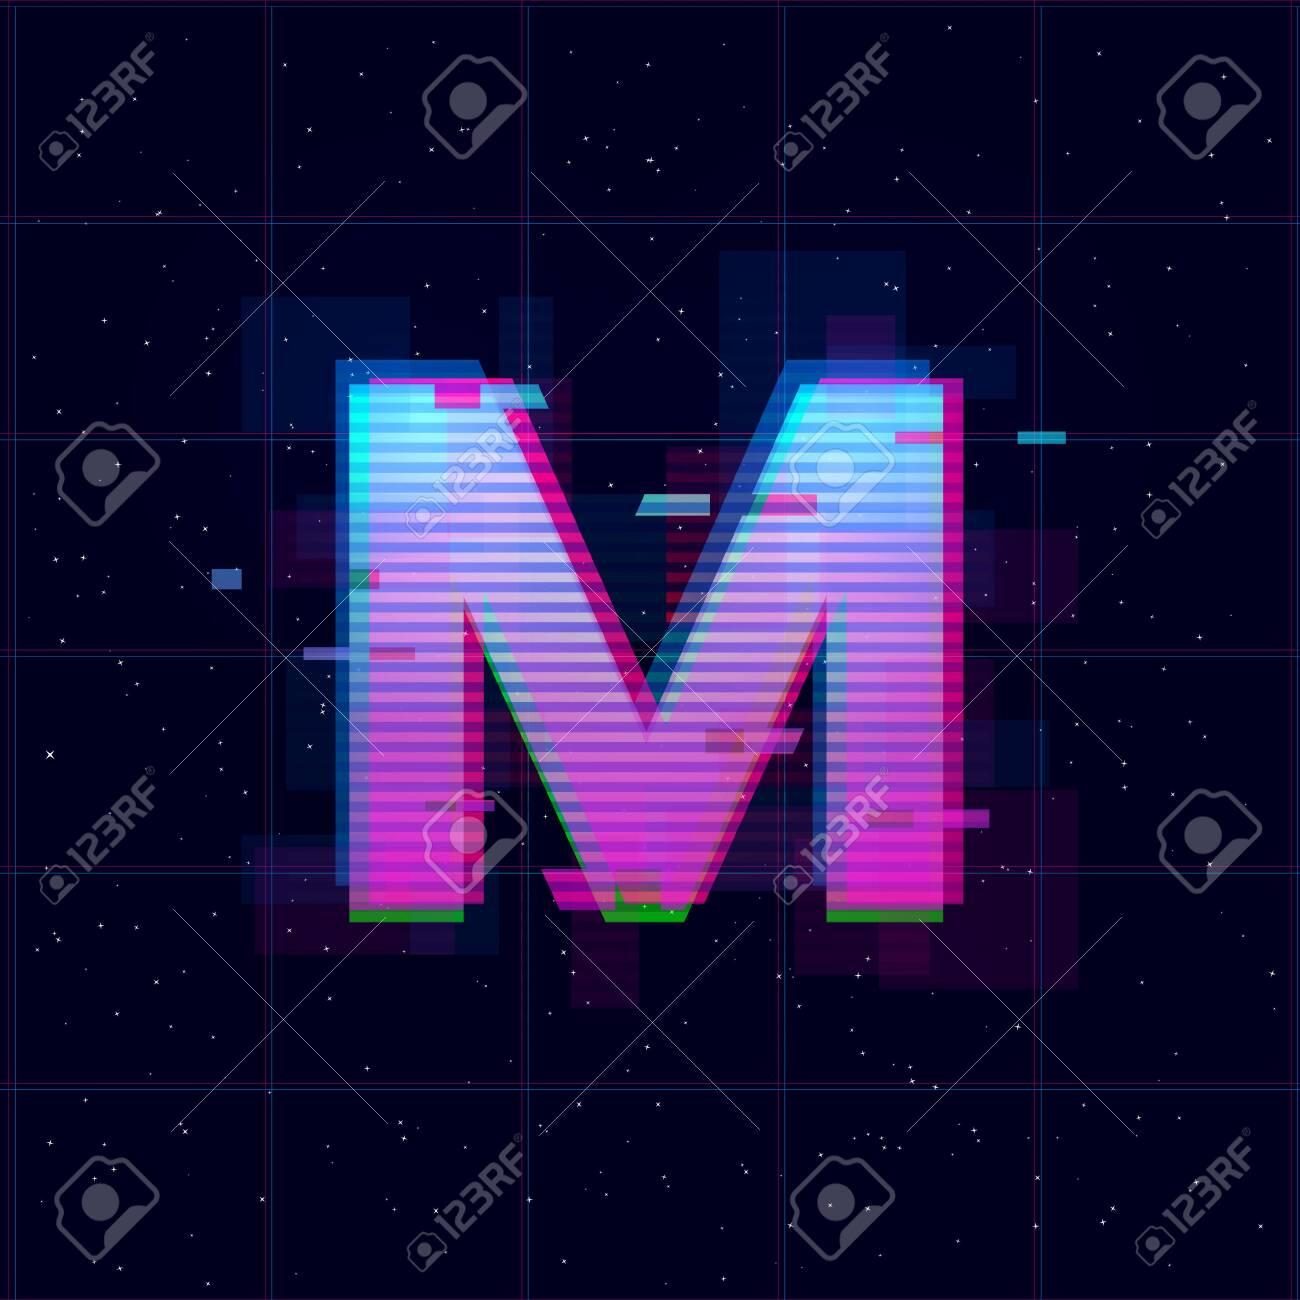 Synthwave Vaporwave Retrowave M Letter Retrowave Design With